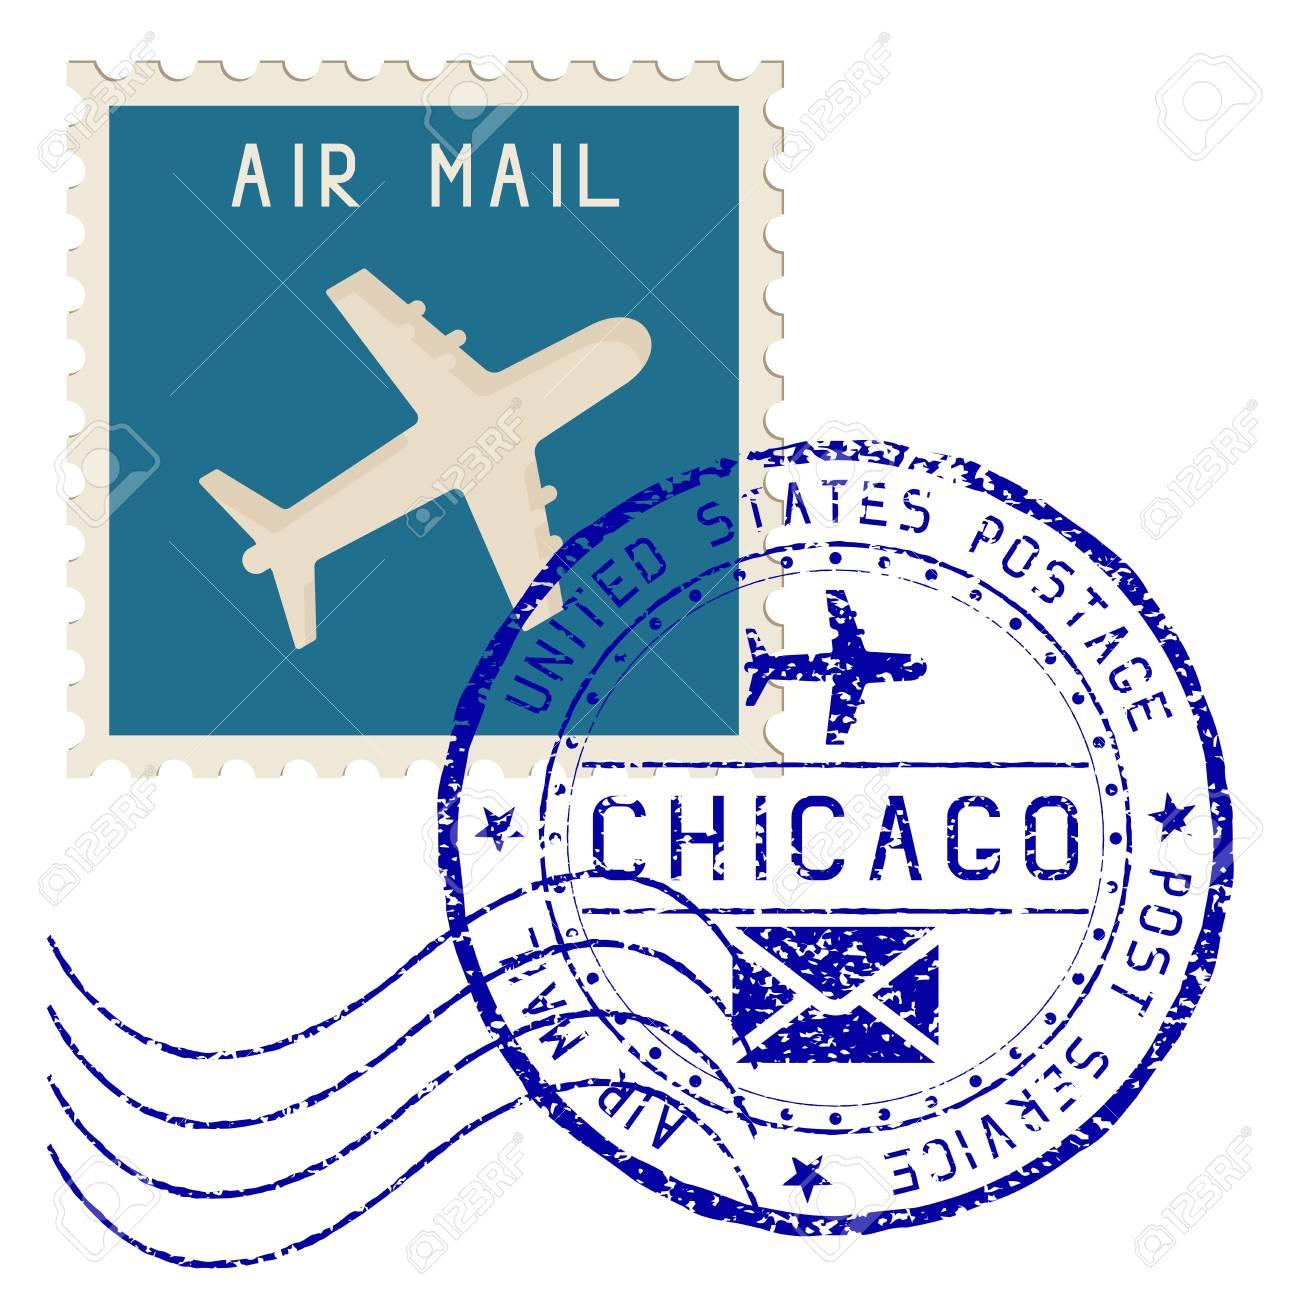 Sello De Correo Aéreo Chicago Poste Redondo Impresionar ...